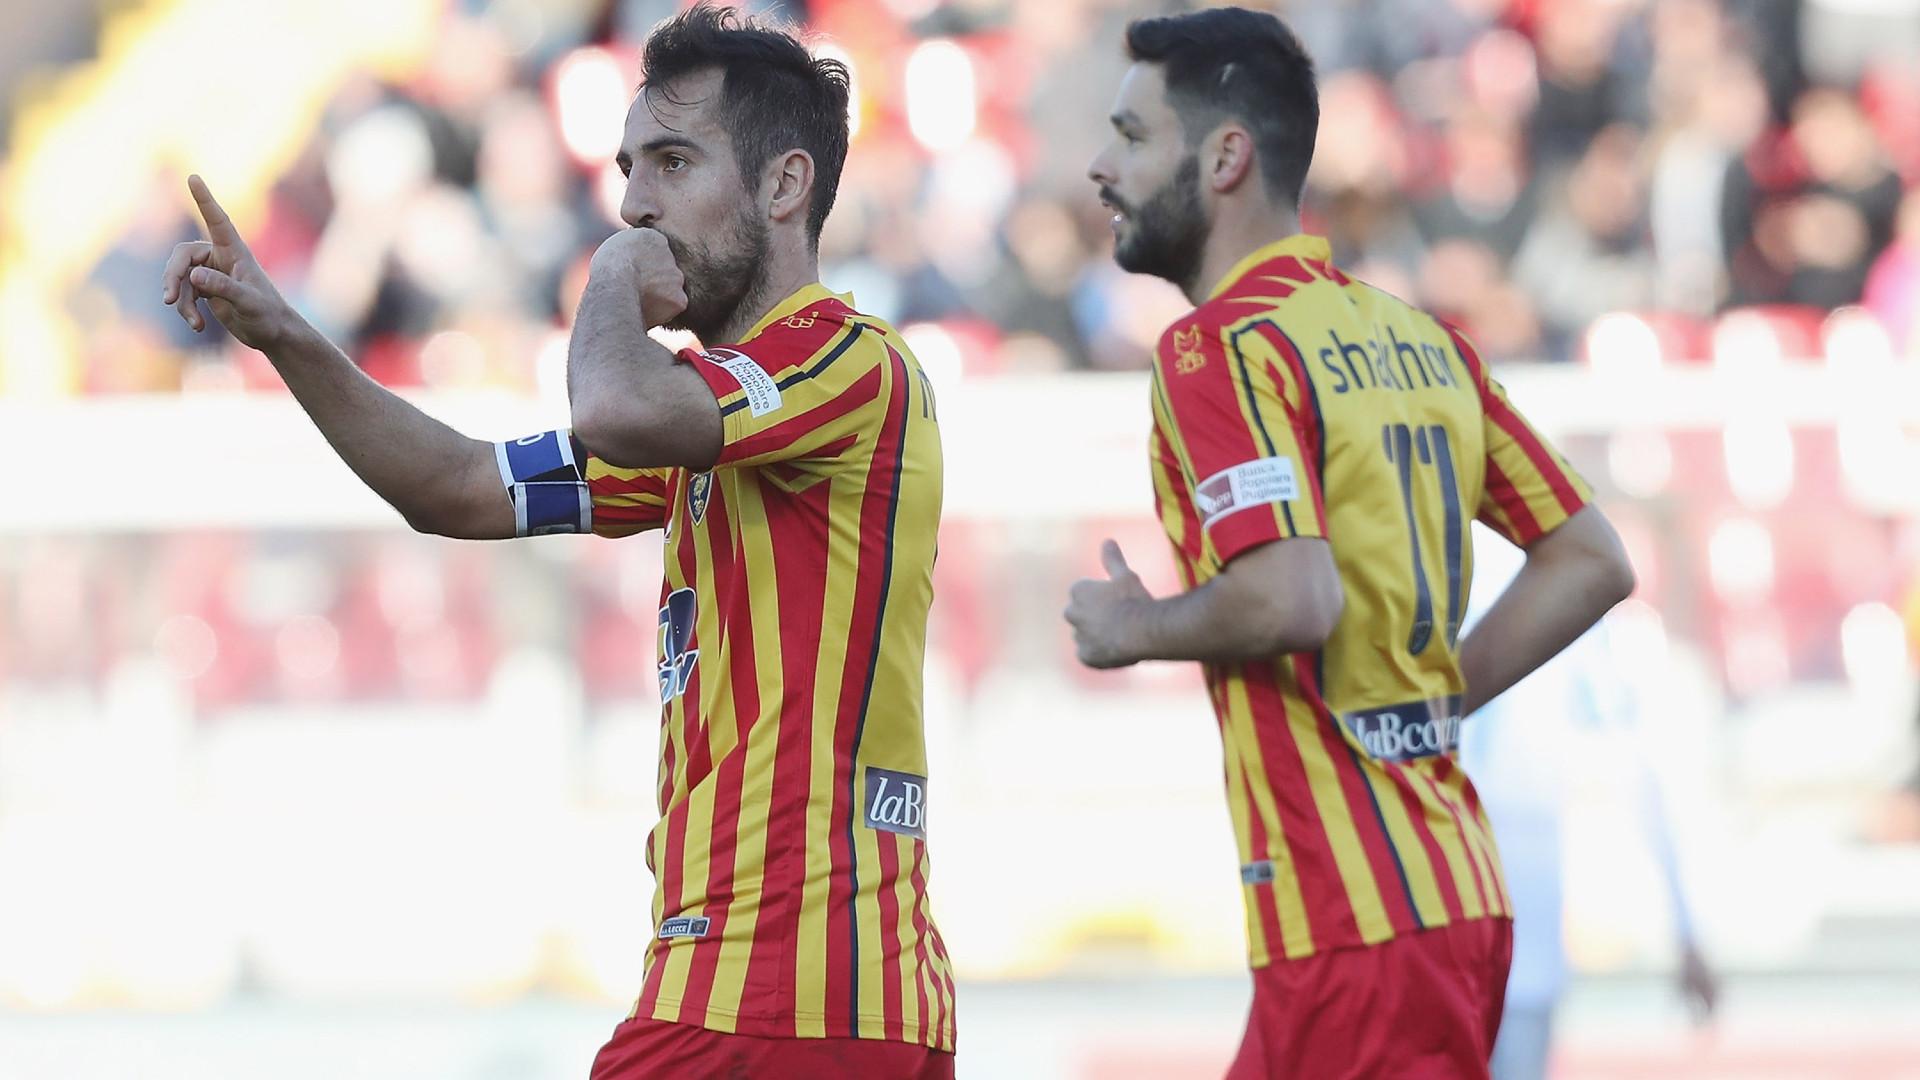 Il Sassuolo la spunta nel finale, battuto il Lecce 4-2